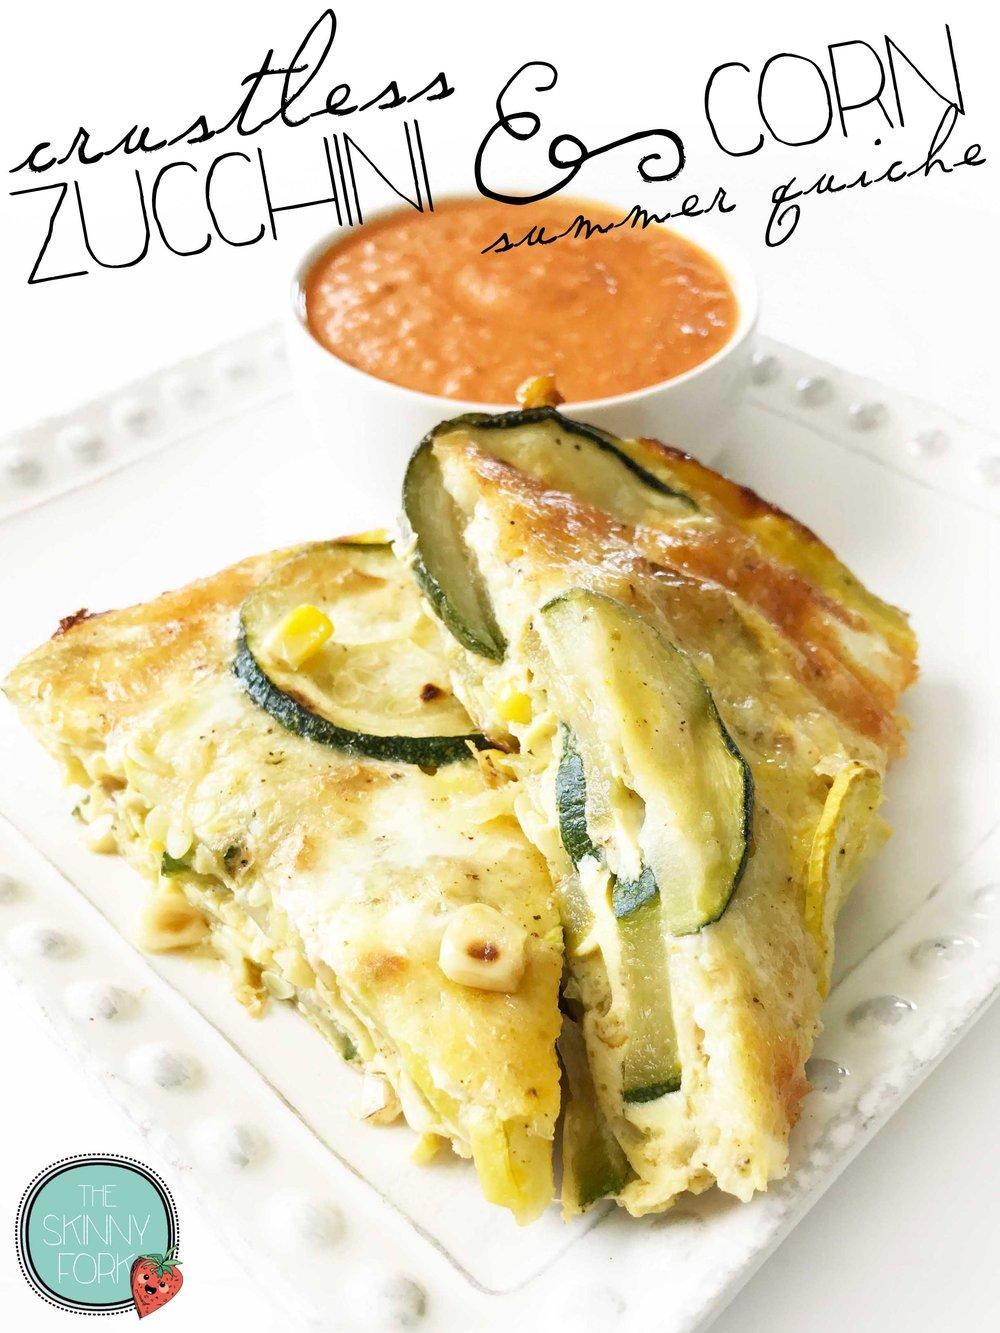 zucchini-corn-quiche-pin.jpg